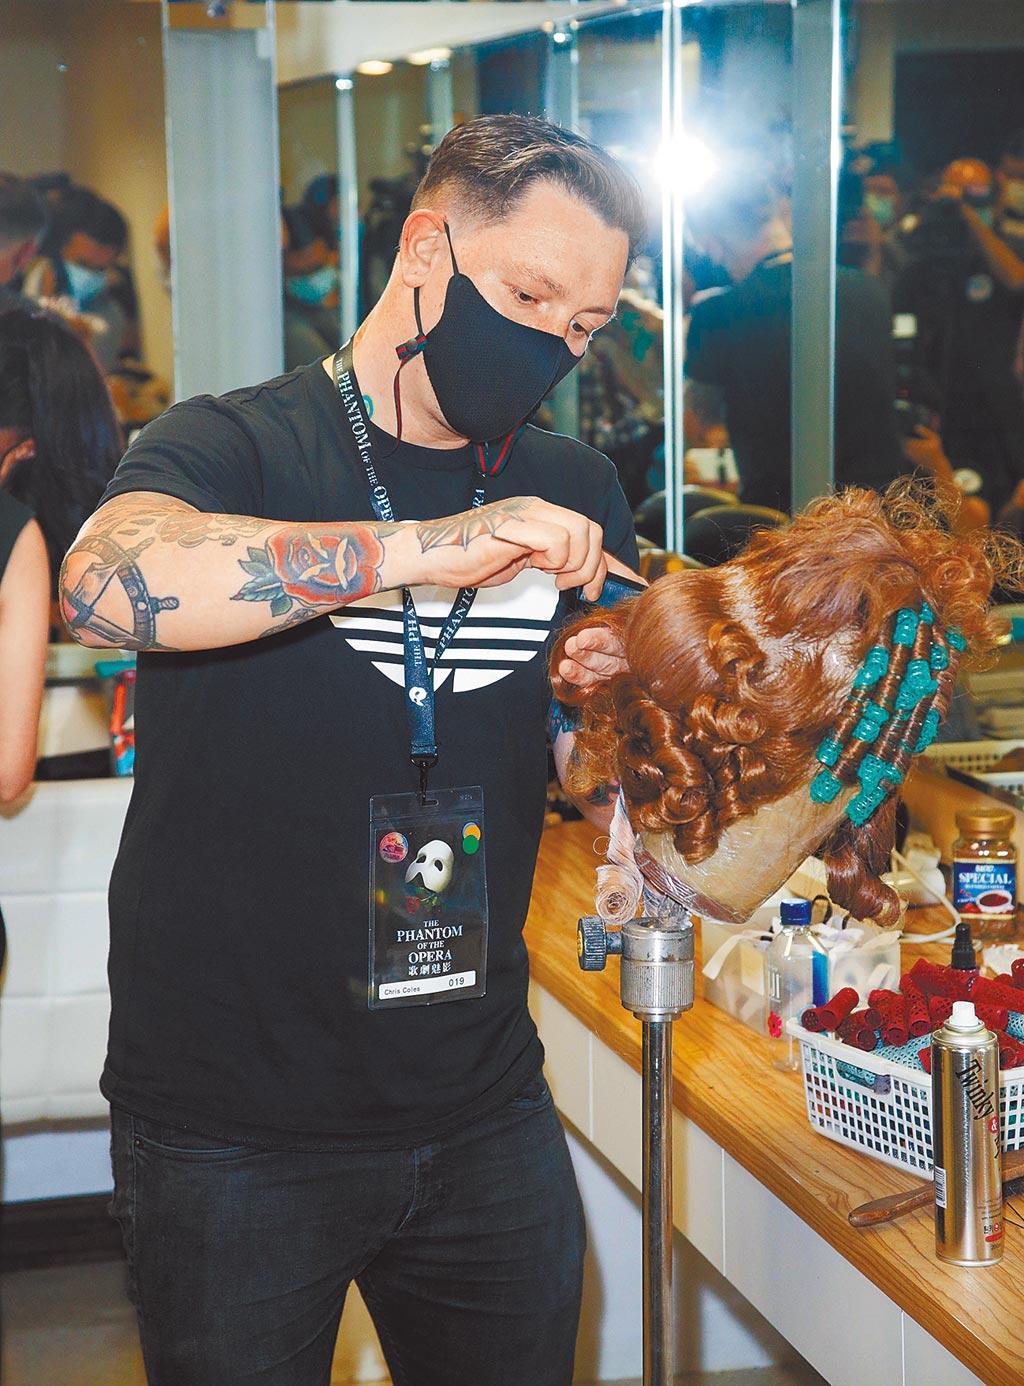 《歌劇魅影》全劇使用約170頂假髮,開演前1小時就必須開始逐一為演員戴上。(吳松翰攝)